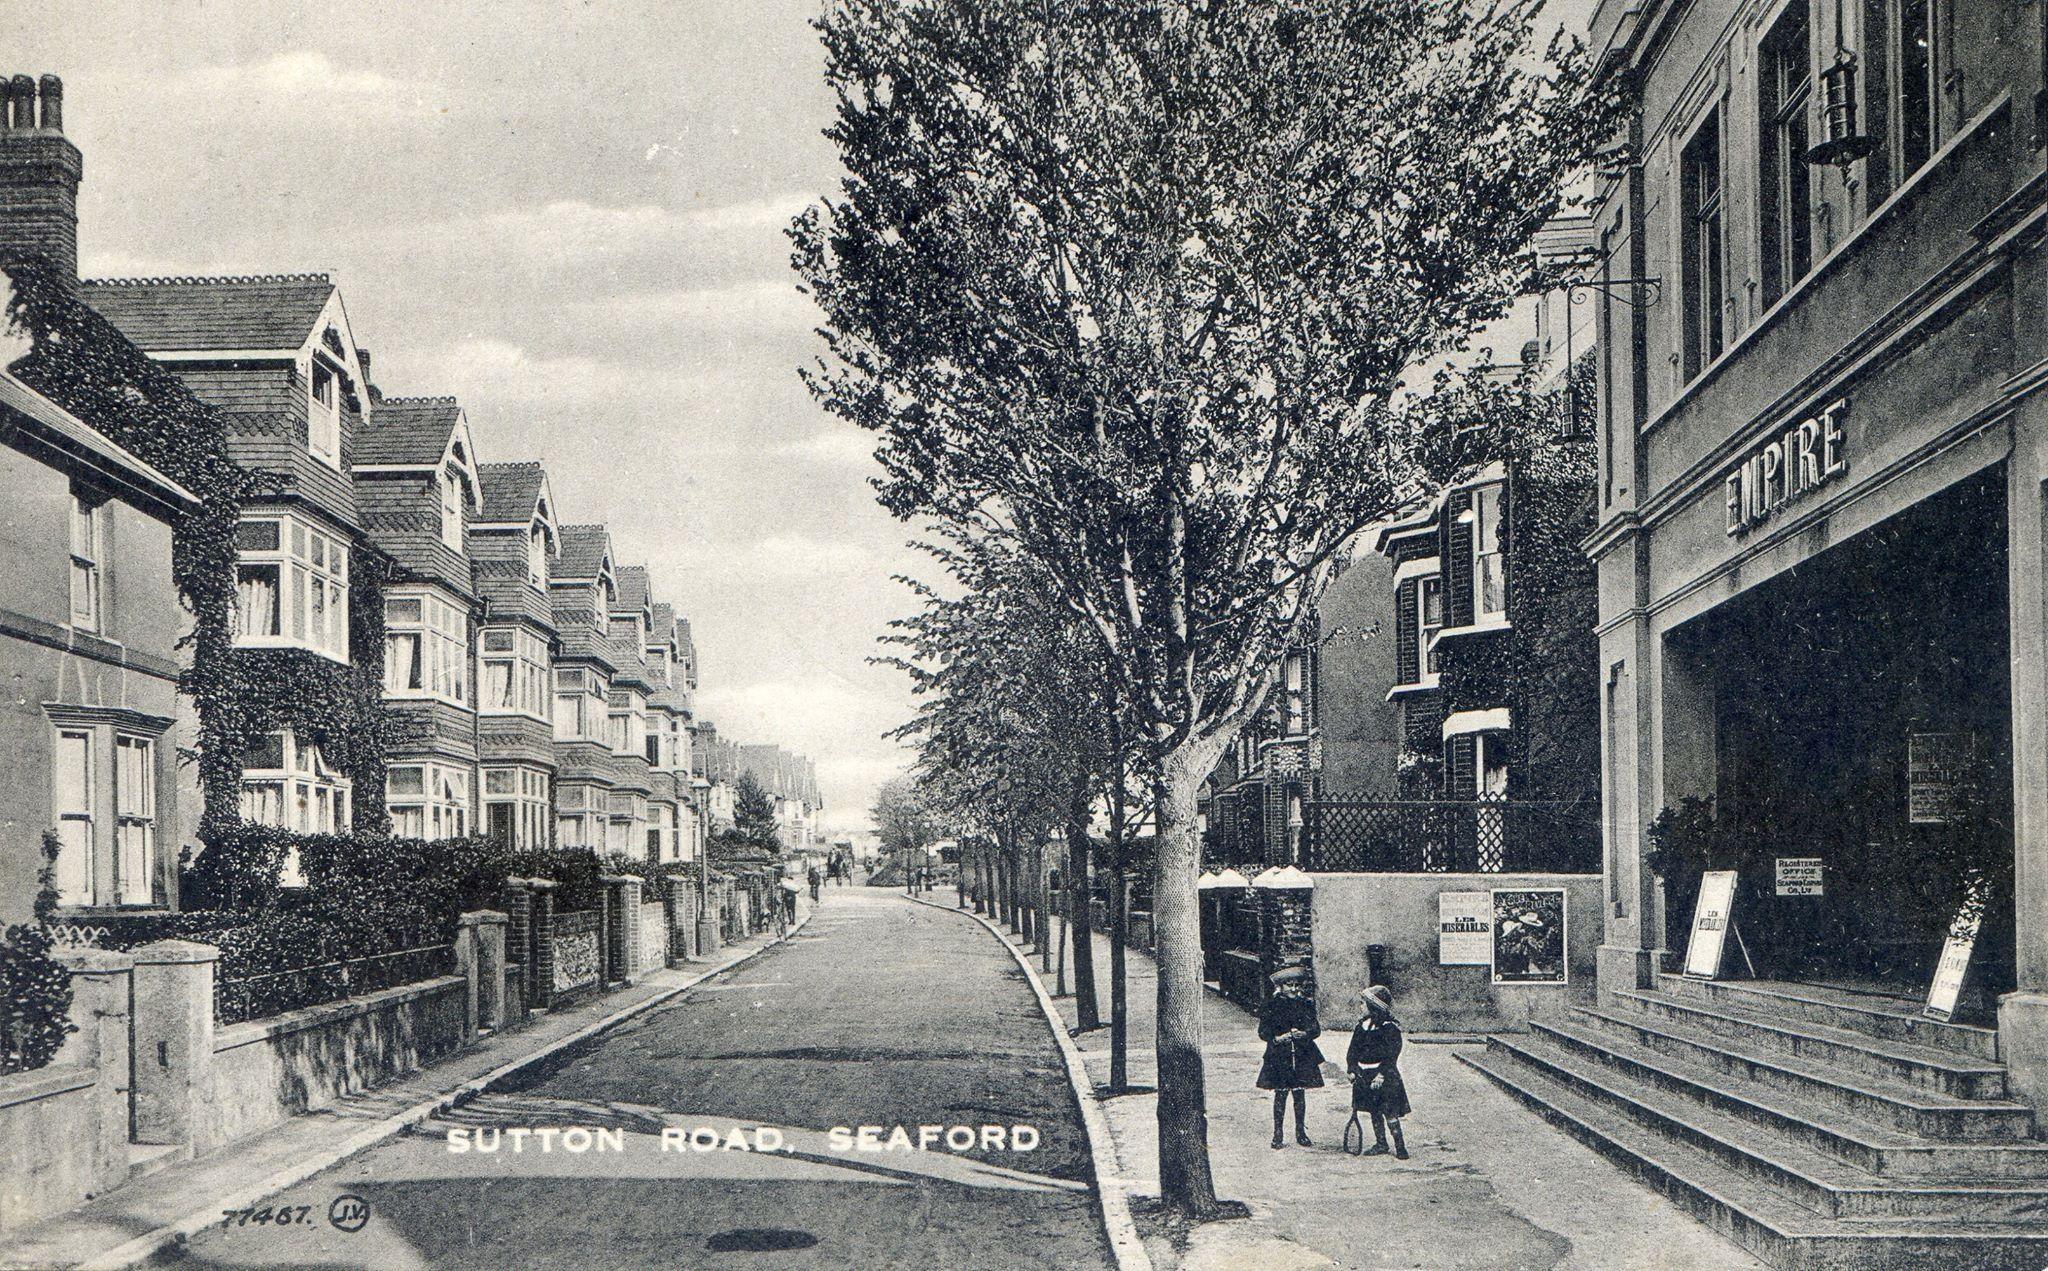 Sutton Road Car Park Seaford